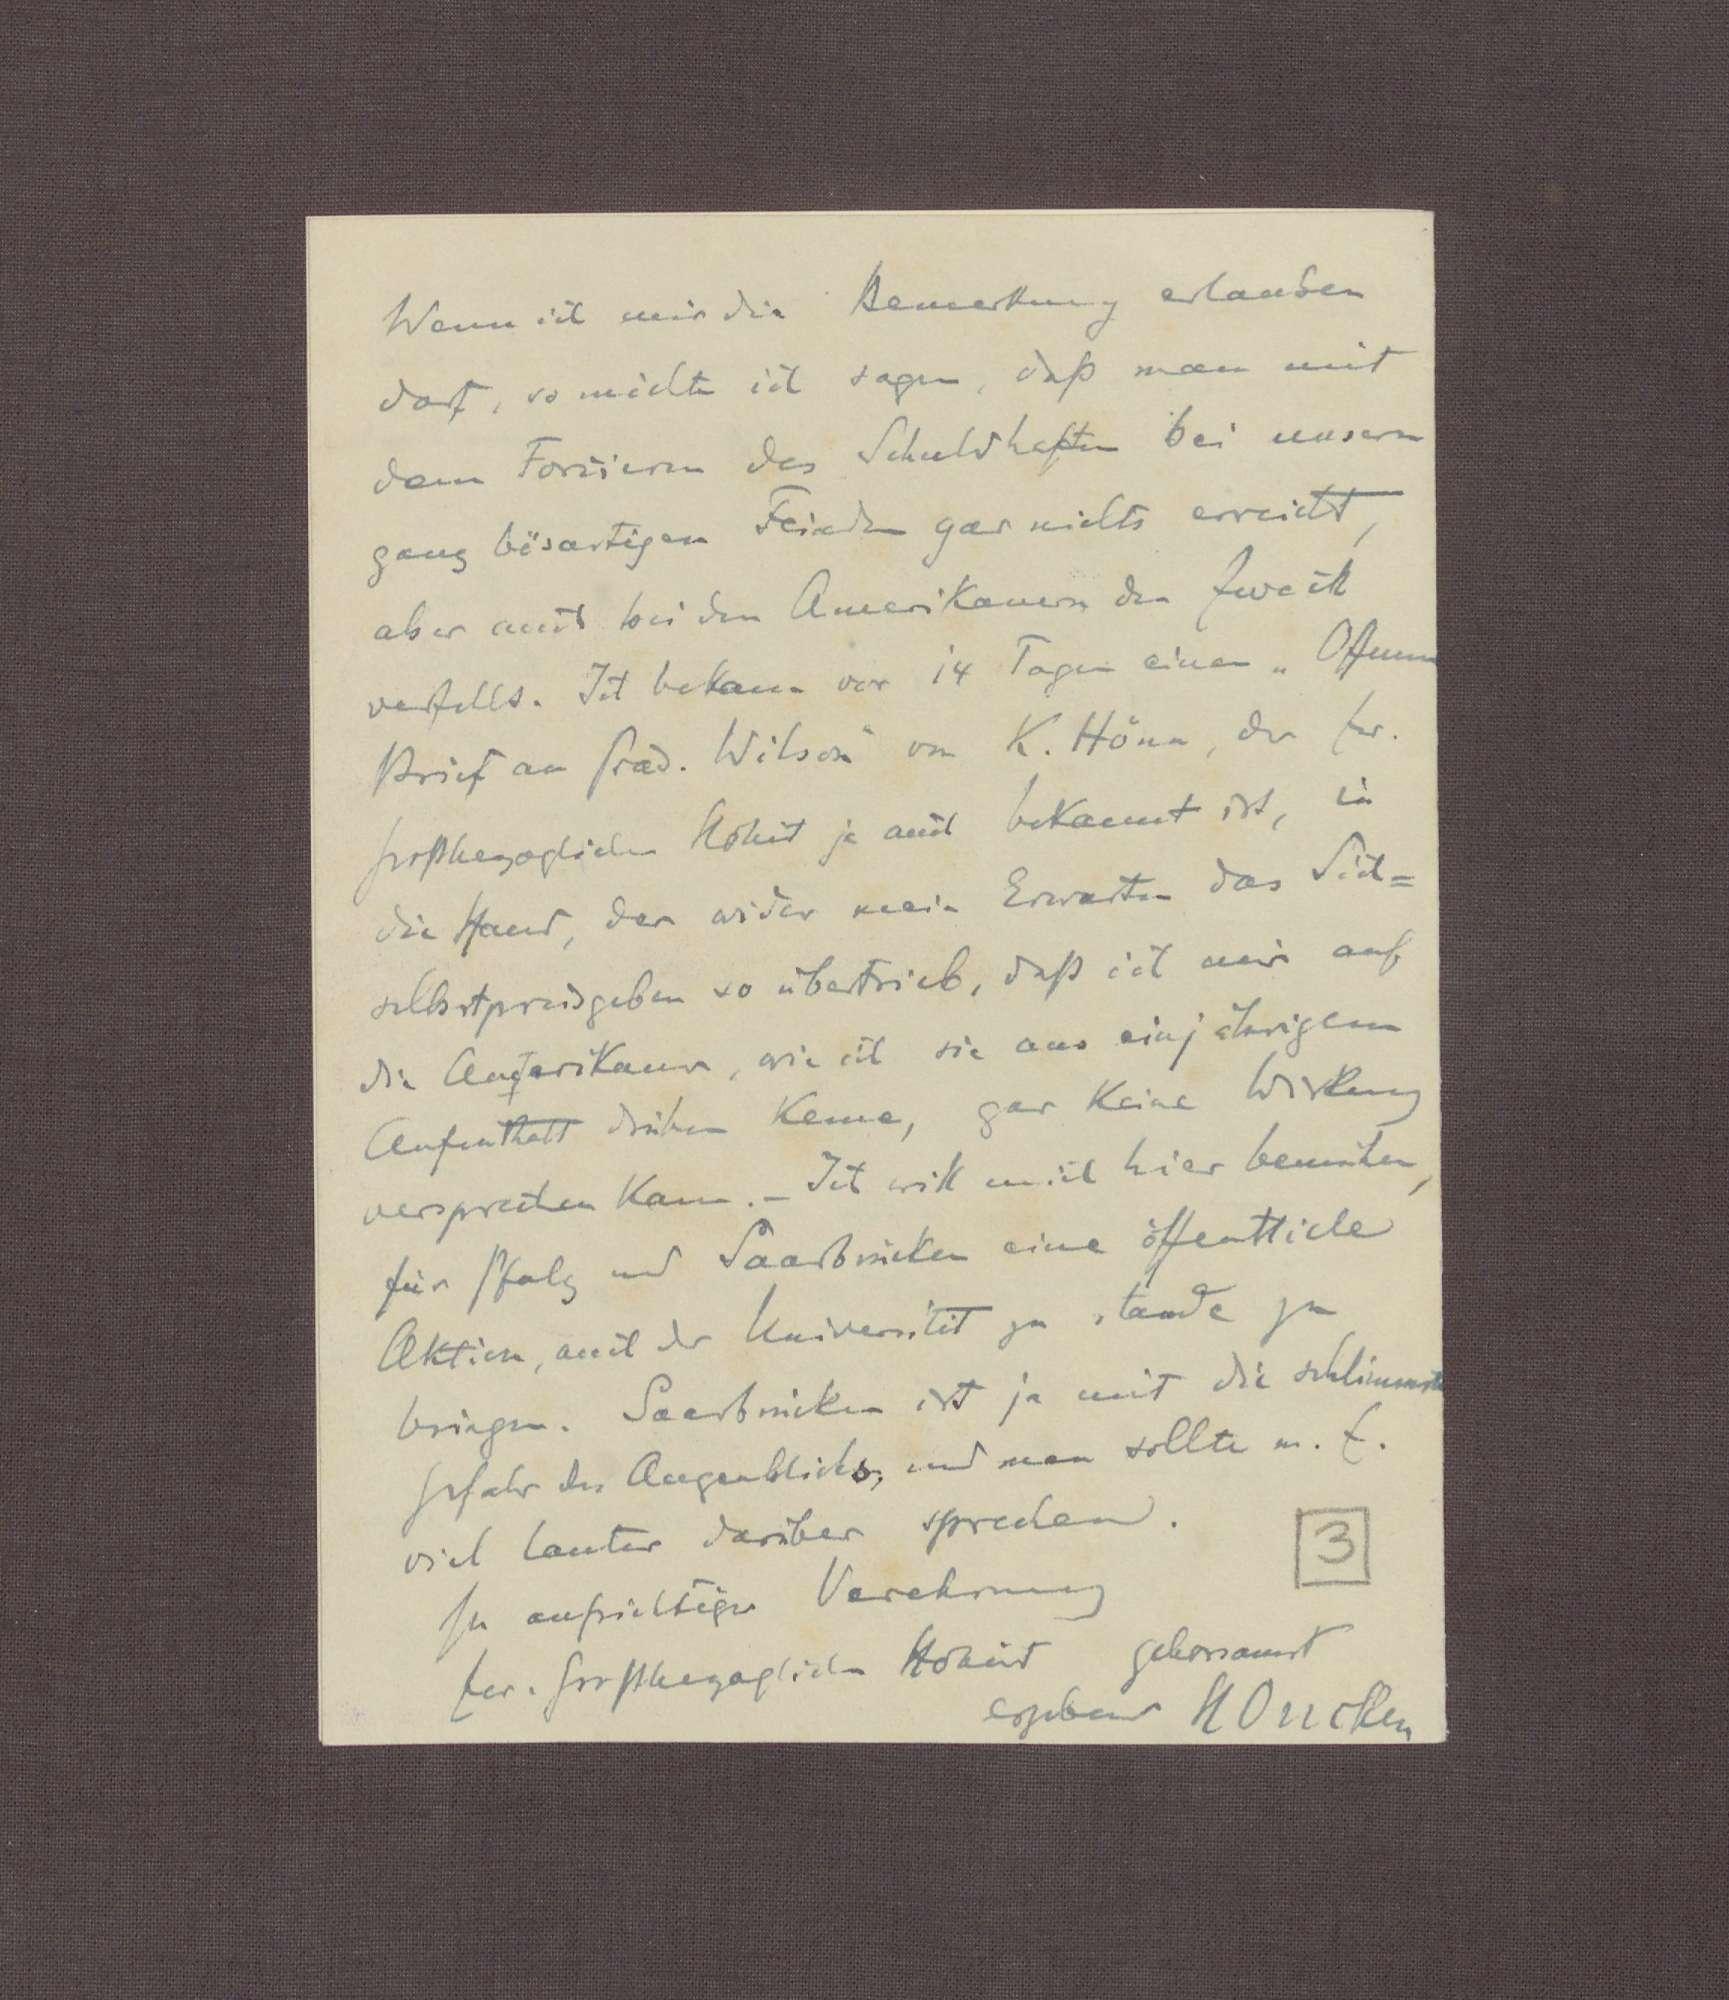 Schreiben von Hermann Oncken an Prinz Max von Baden; Zusendung eines Artikels von Hermann Oncken; Taktik bei den Verhandlungen in Versailles; Äußerungen Max Webers zu den Friedensverhandlungen, Bild 3